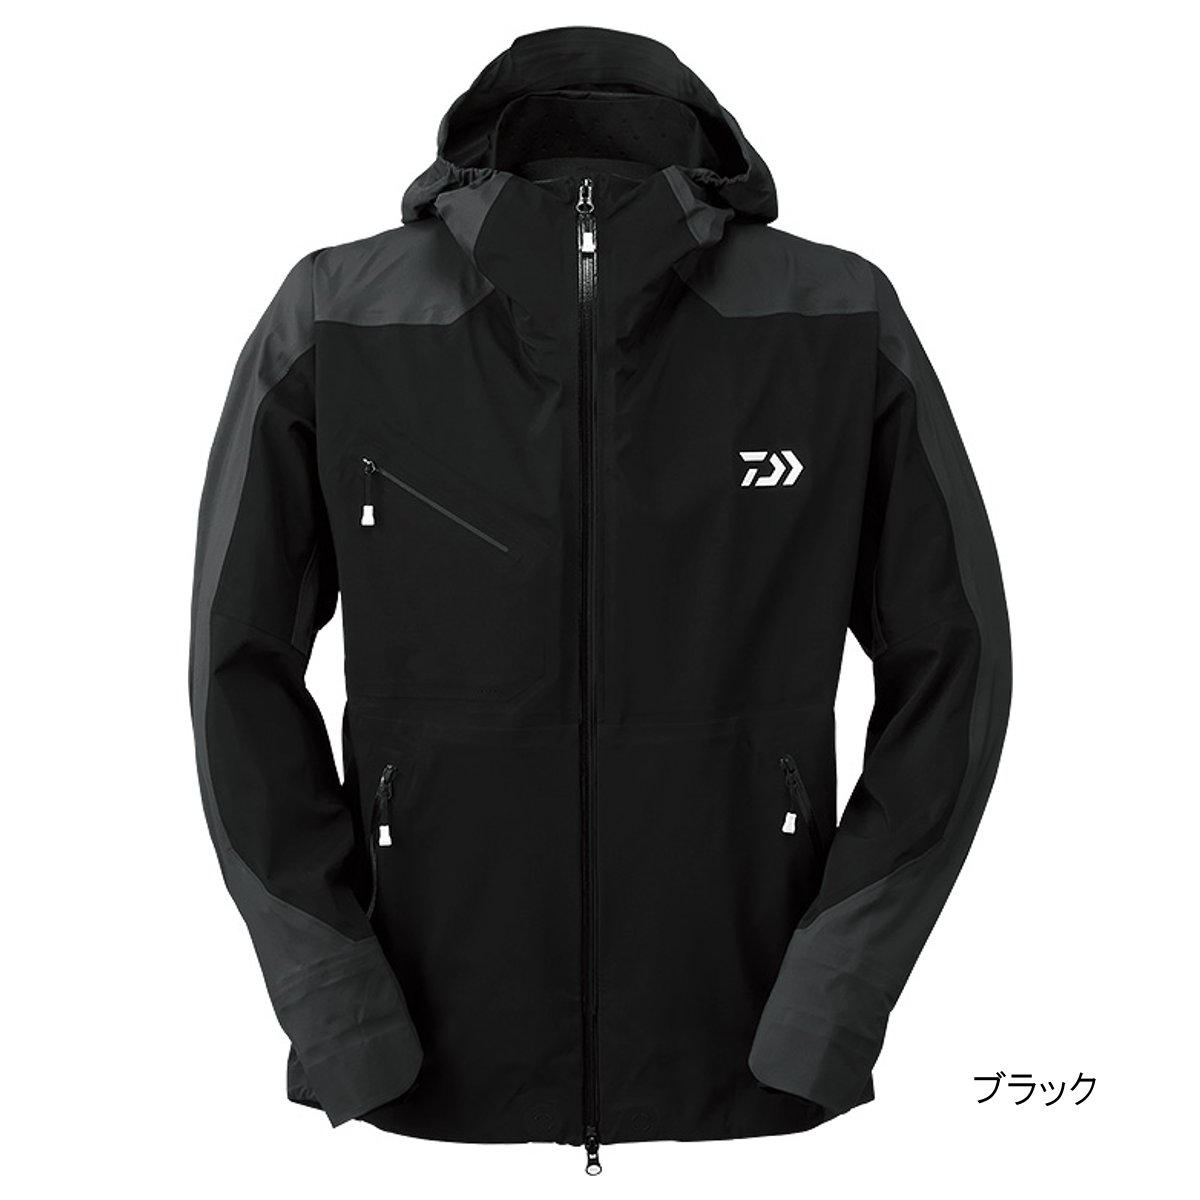 ダイワ ポーラテック ネオシェル ハイブリッドレインジャケット DR-20009J 2XL ブラック【送料無料】